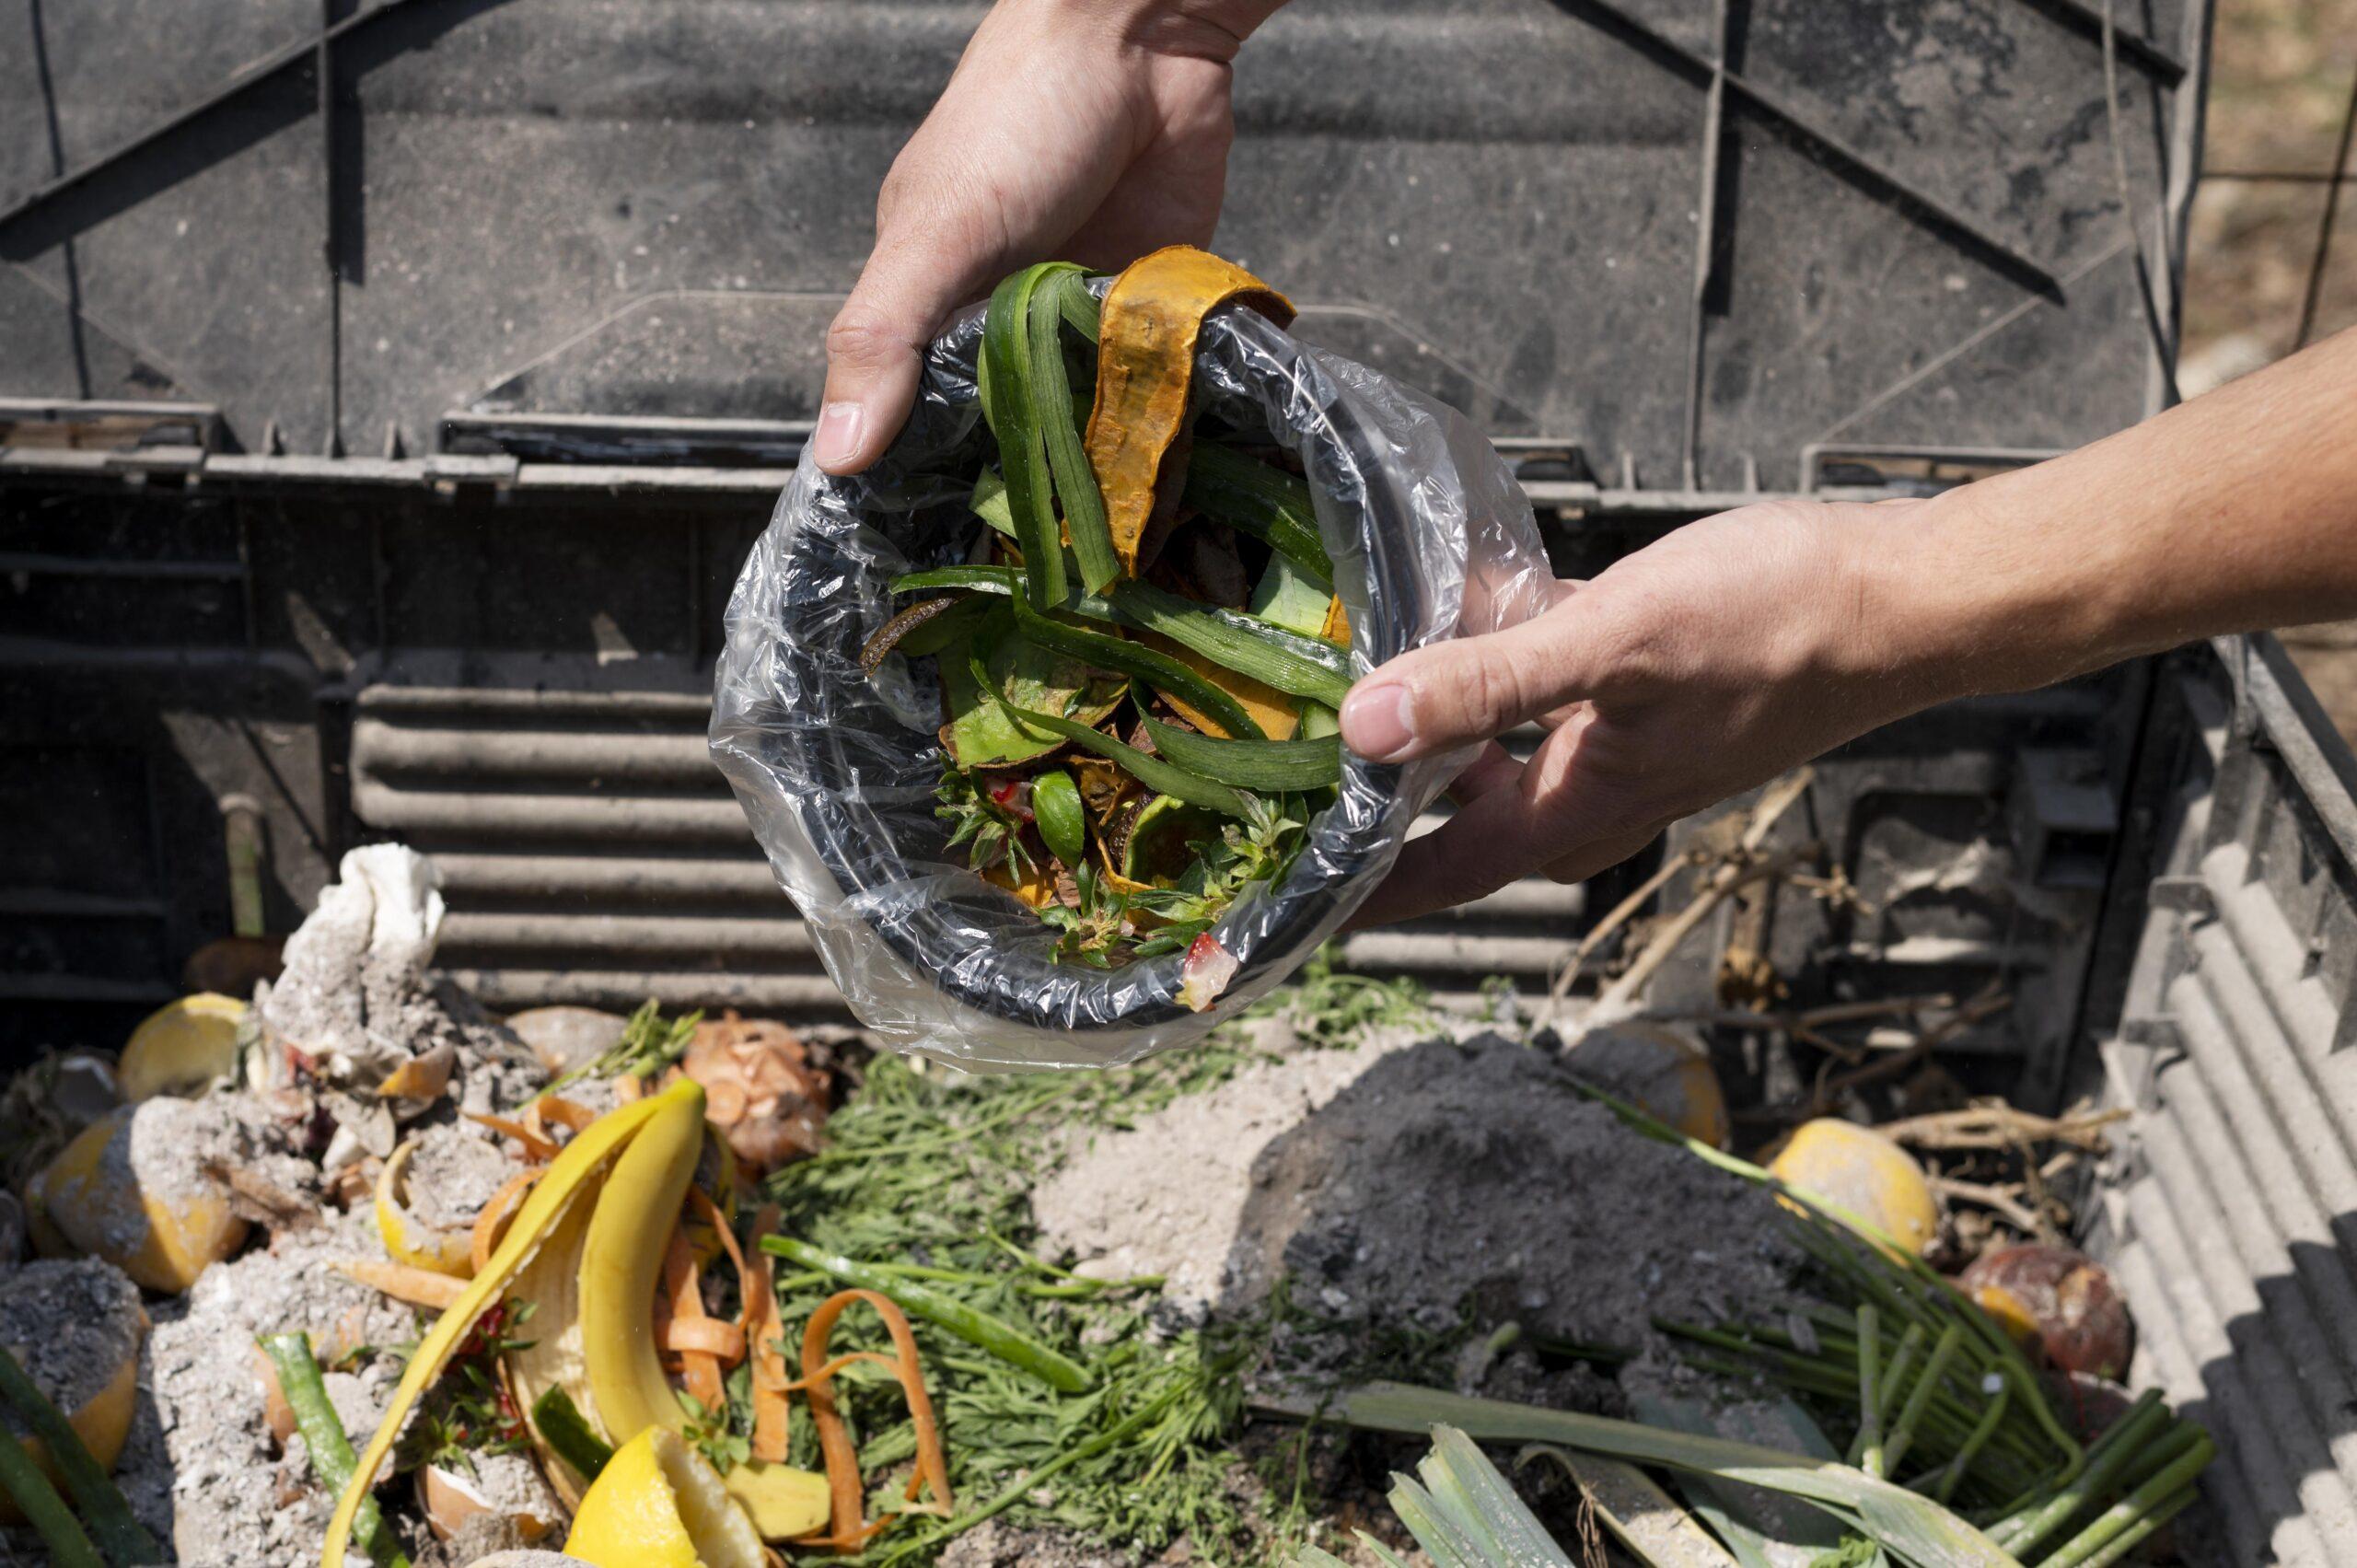 ökokör, kozmetikum, hulladék, zero waste, ételpazarlás, komposztálás, bringa